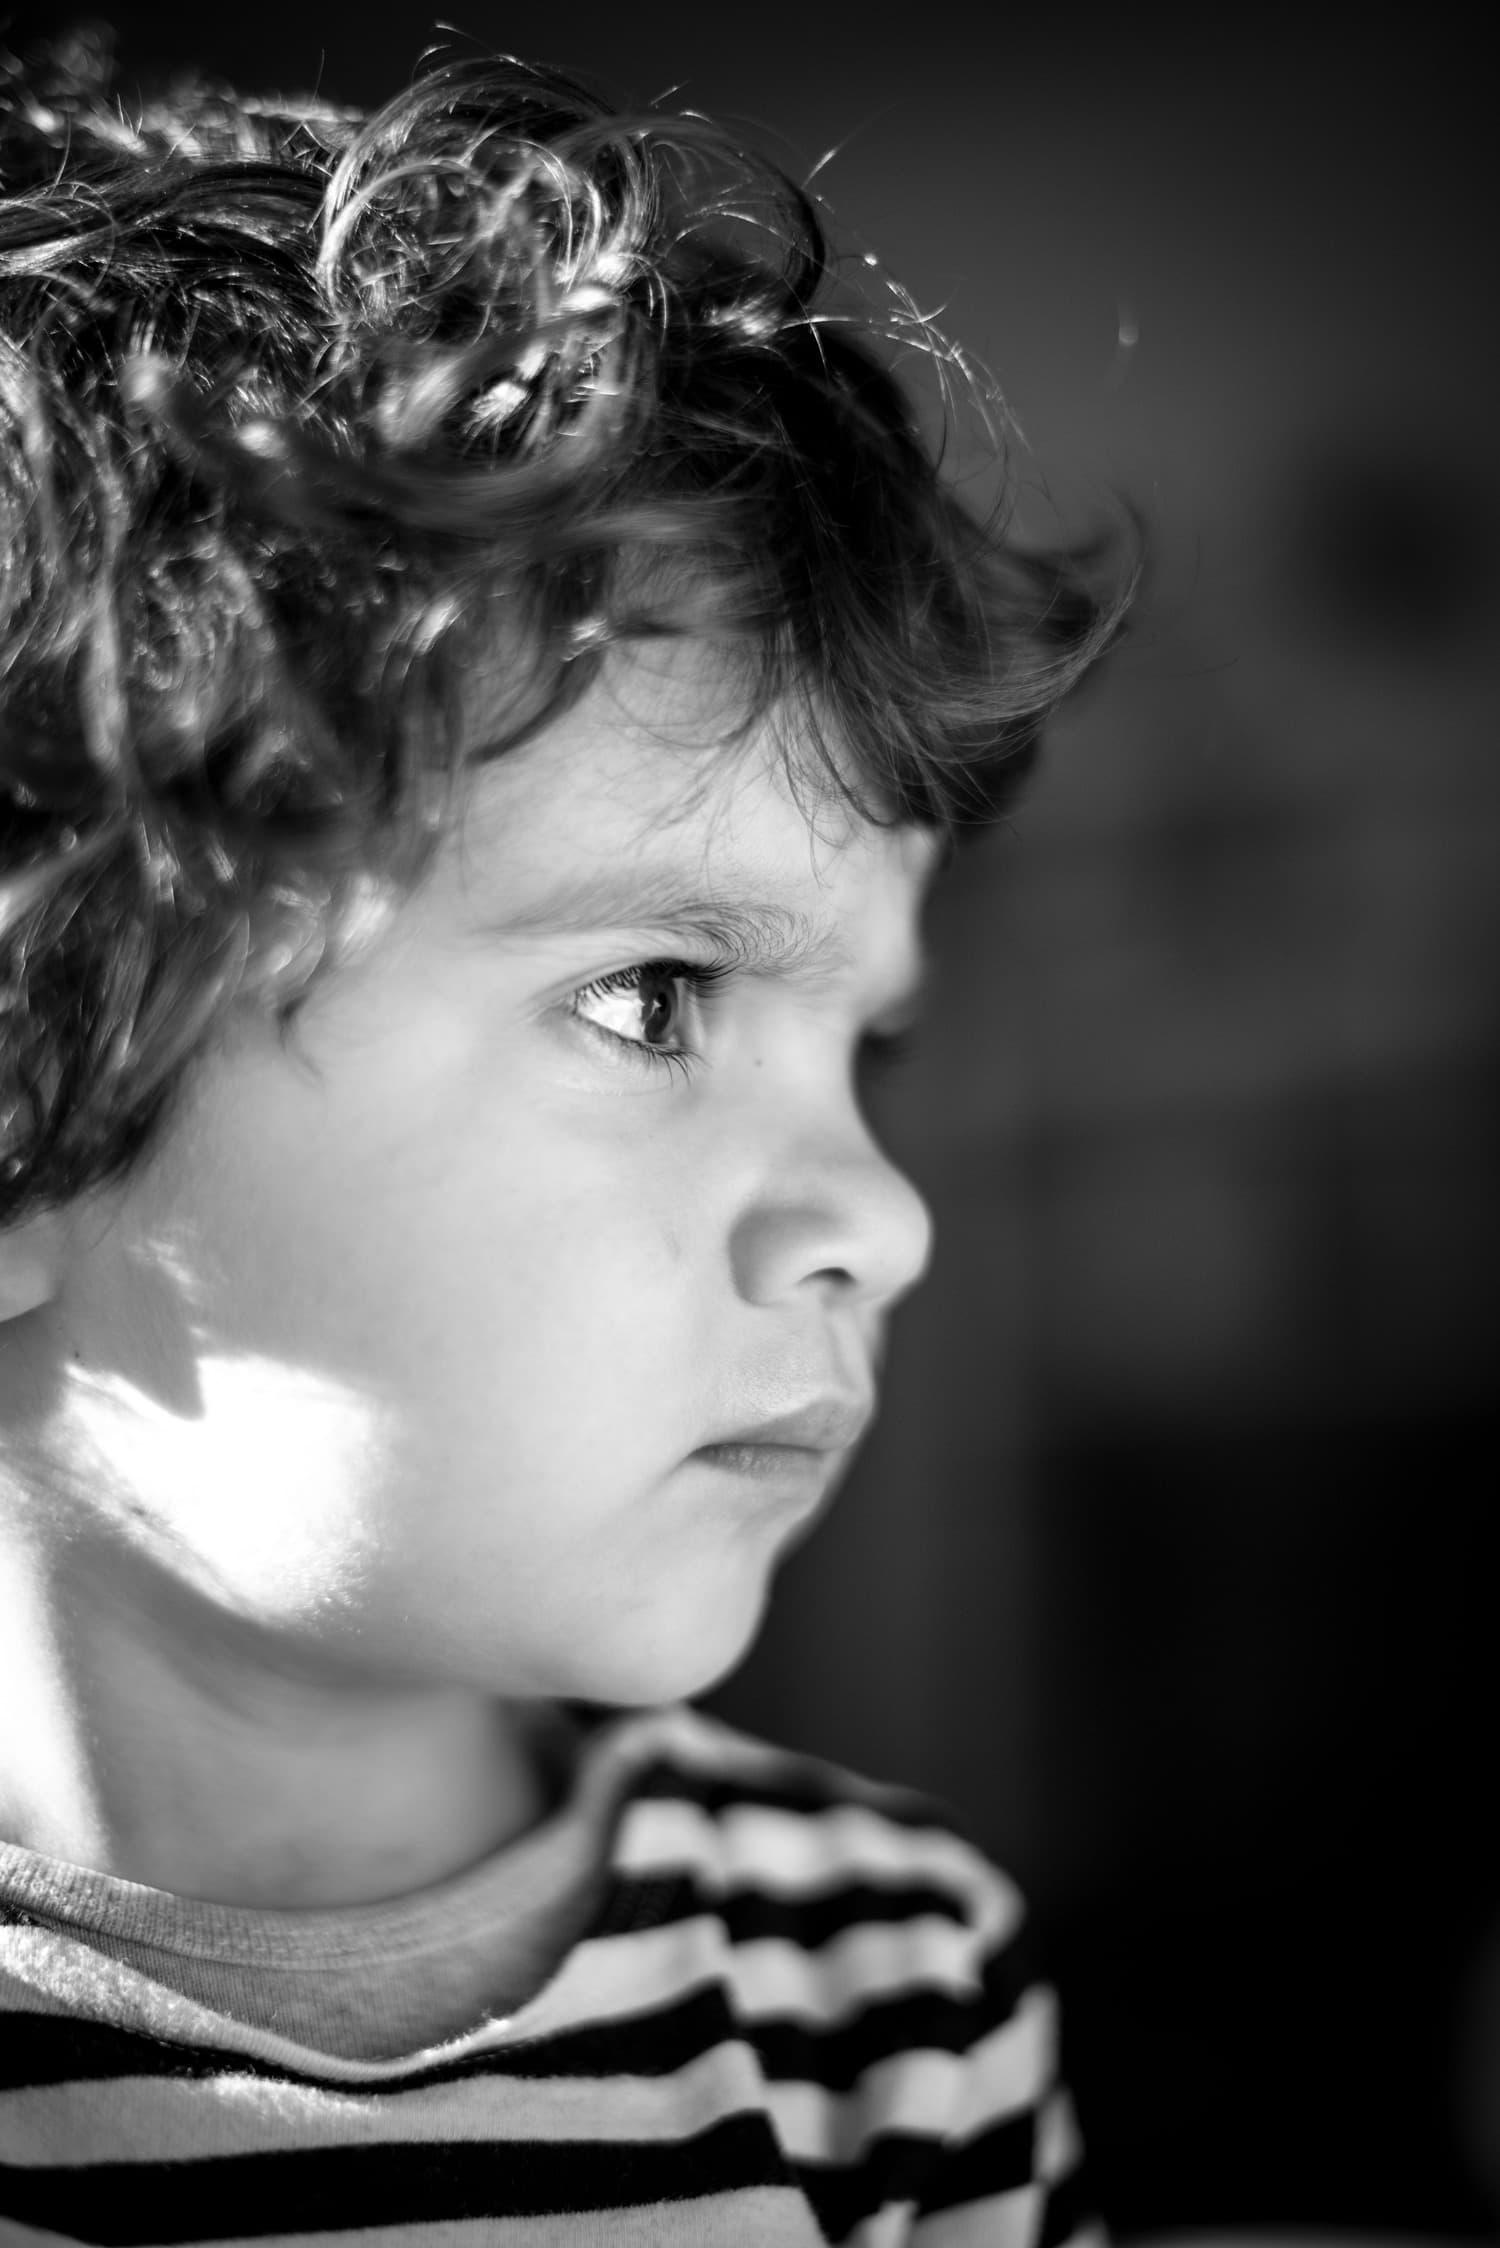 retrato de una niña en blanco y negro